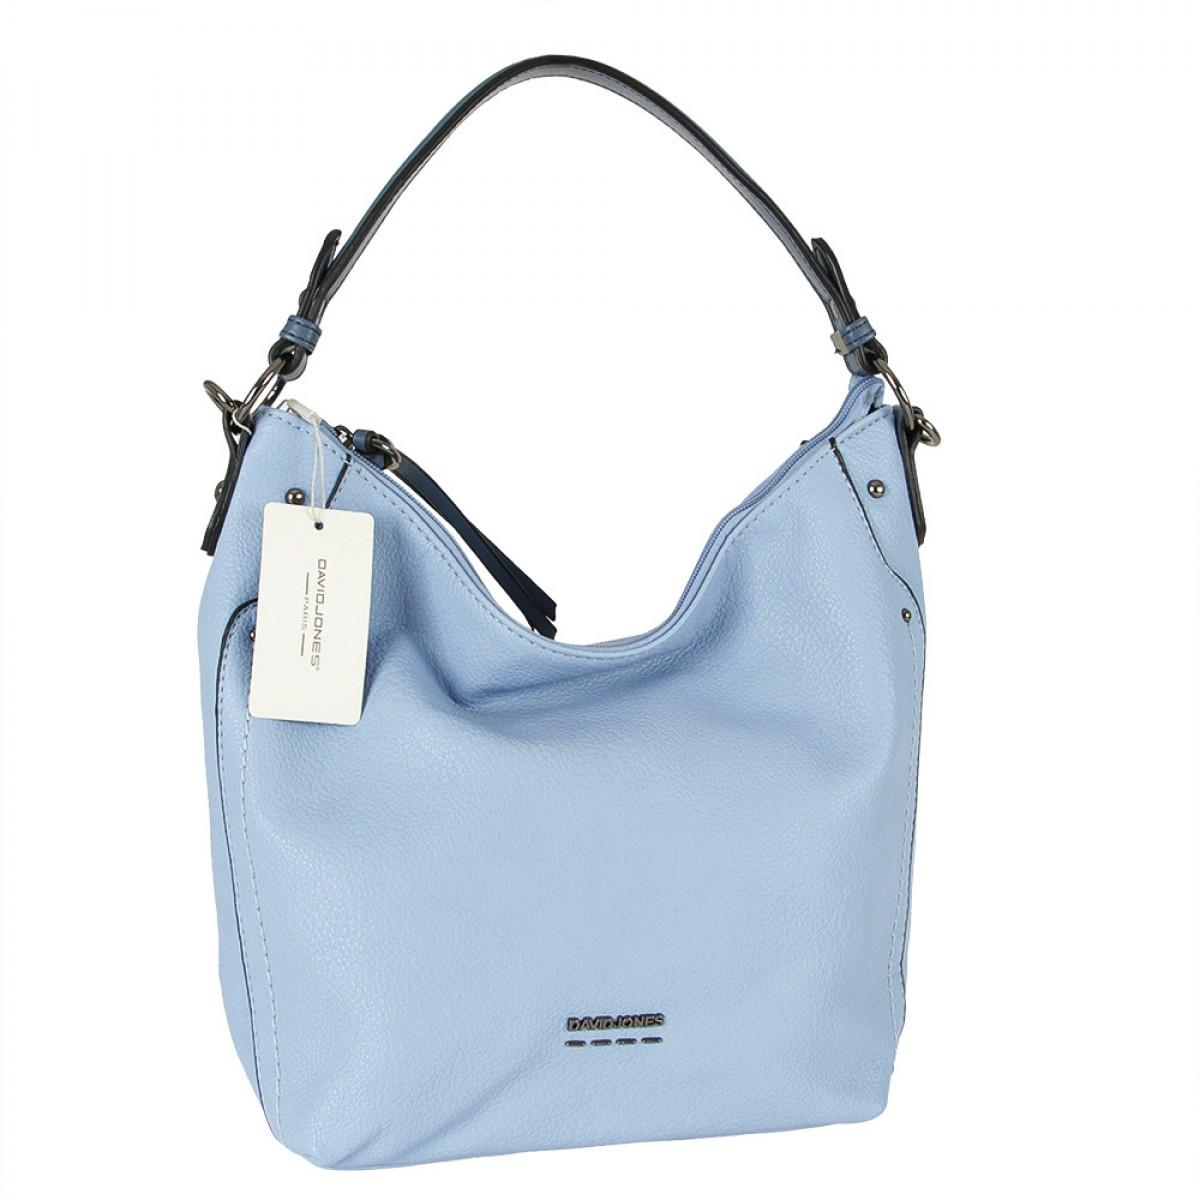 Жіноча сумка David Jones 6210-2 L.BLUE